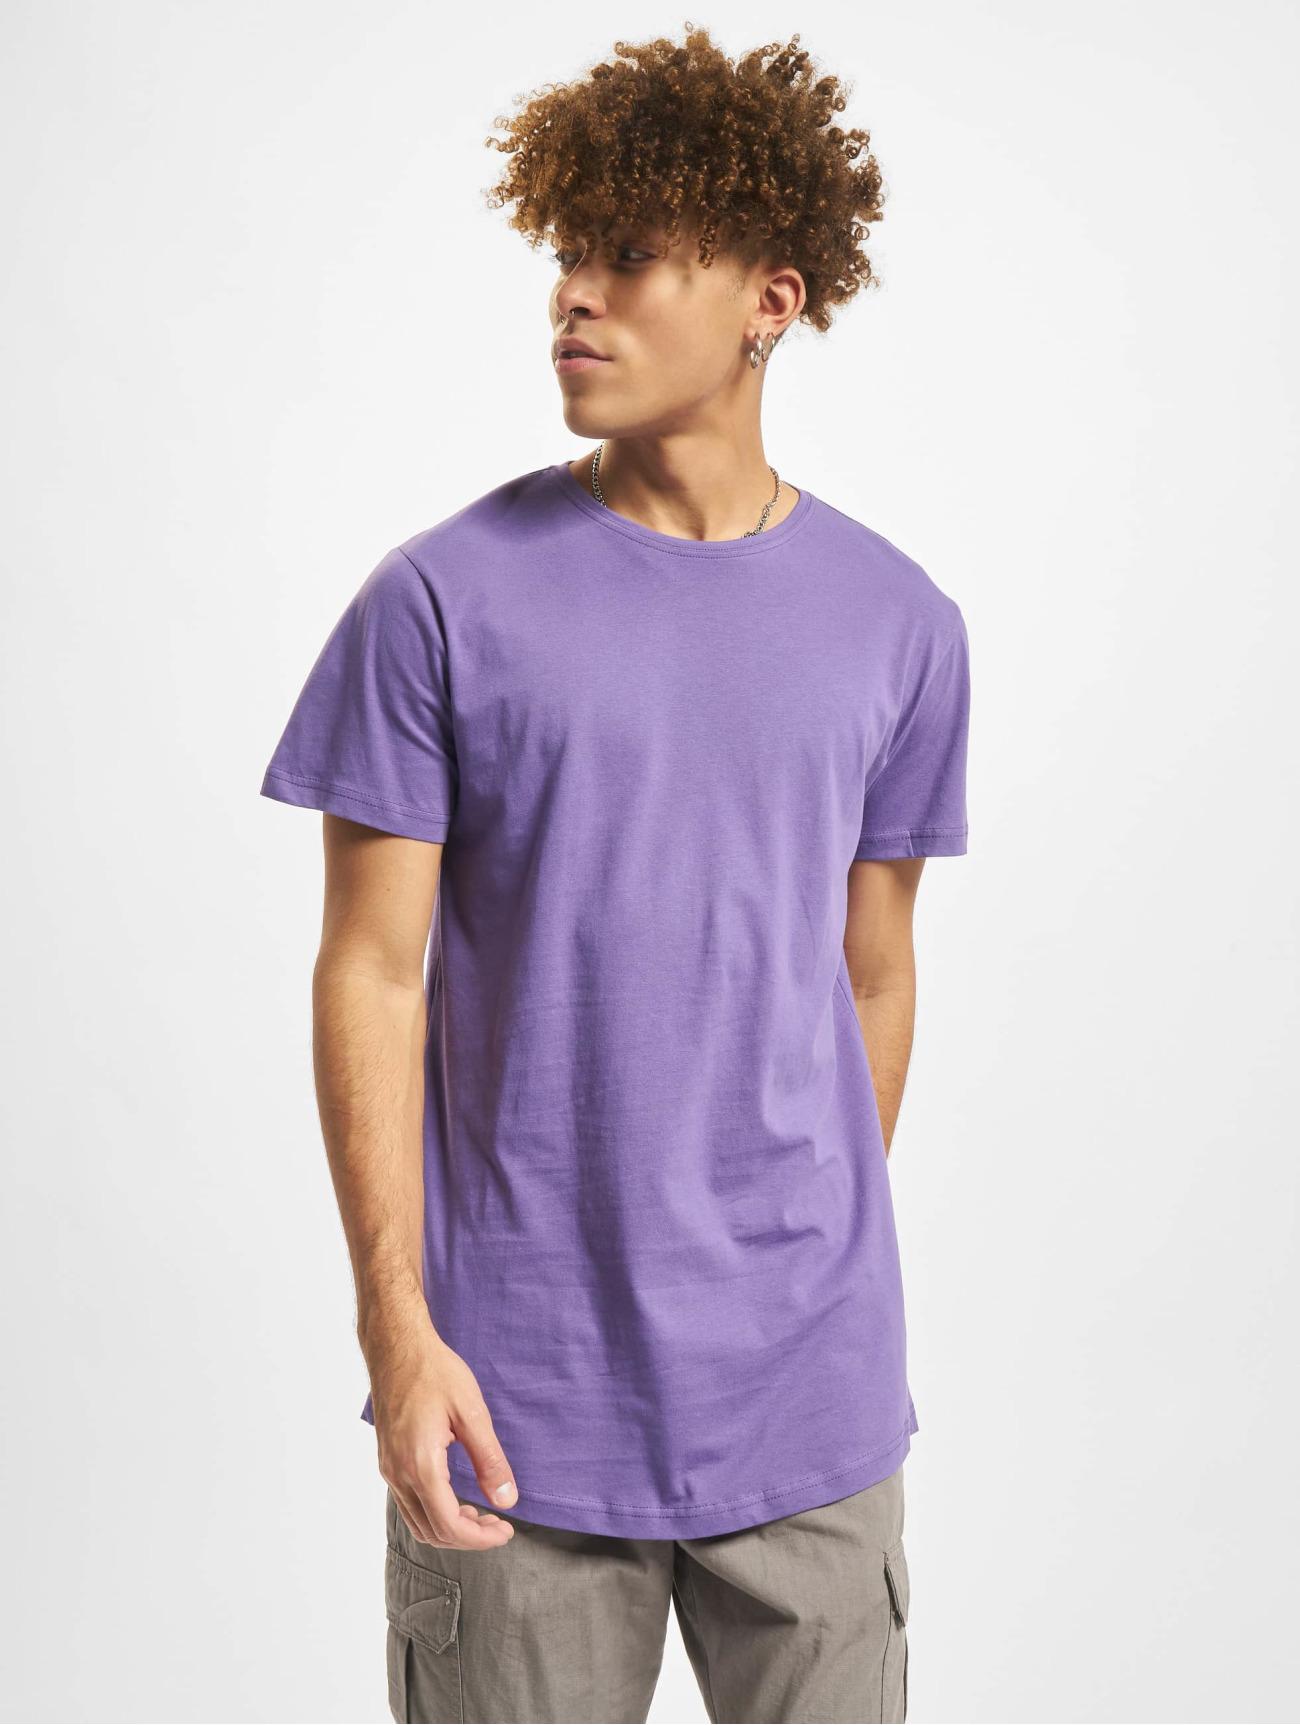 Urban Classics | Shaped Long  pourpre Homme T-Shirt  563287| Homme Hauts